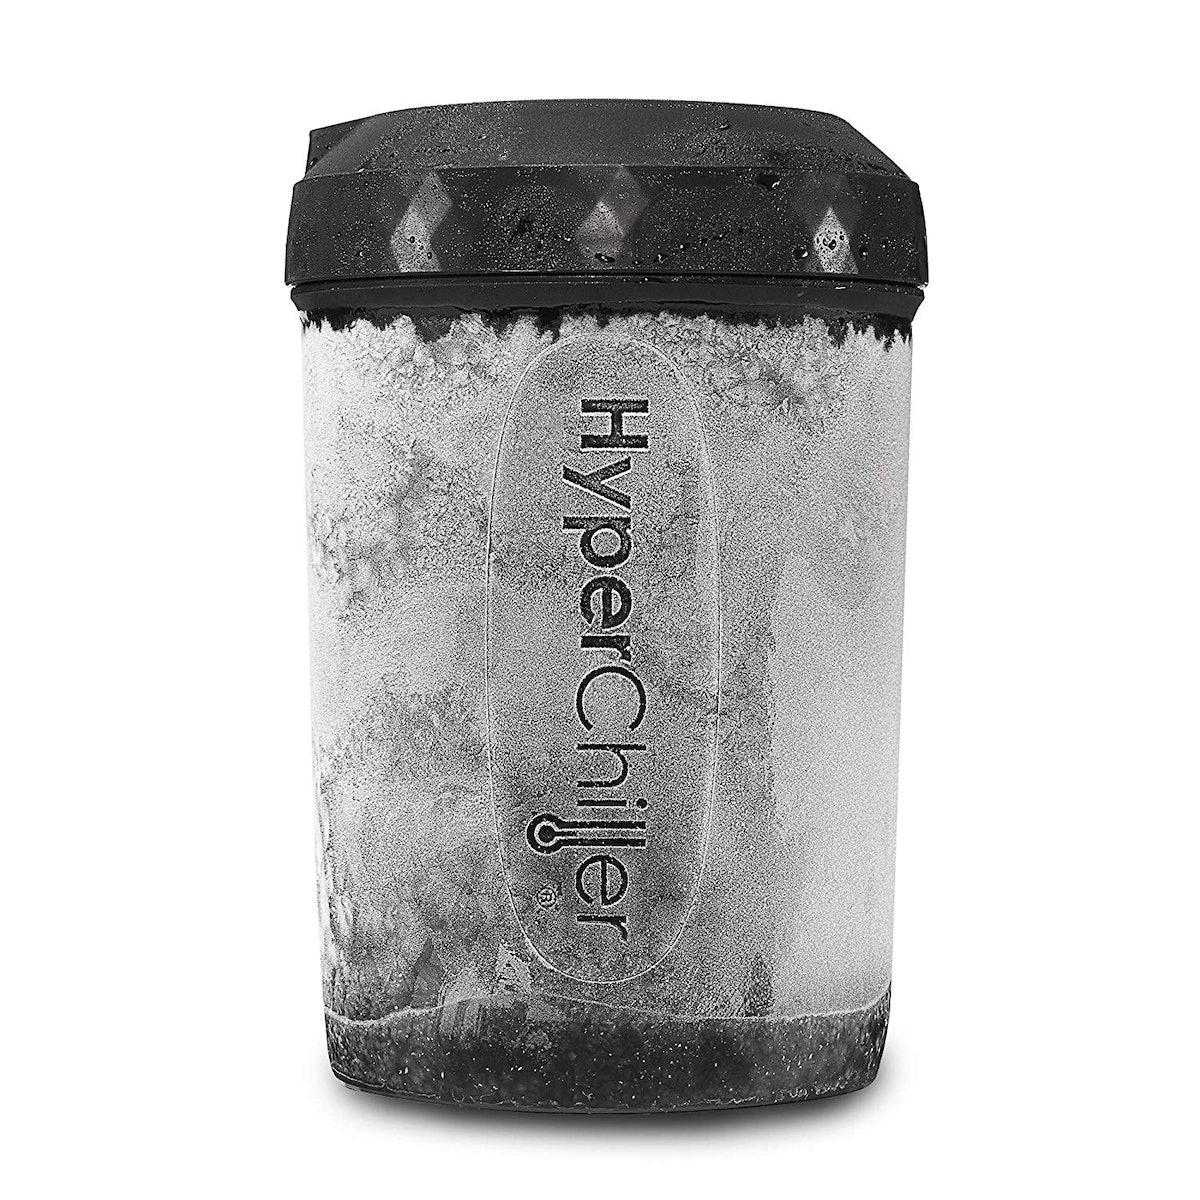 HyperChiller Patented Beverage Cooler